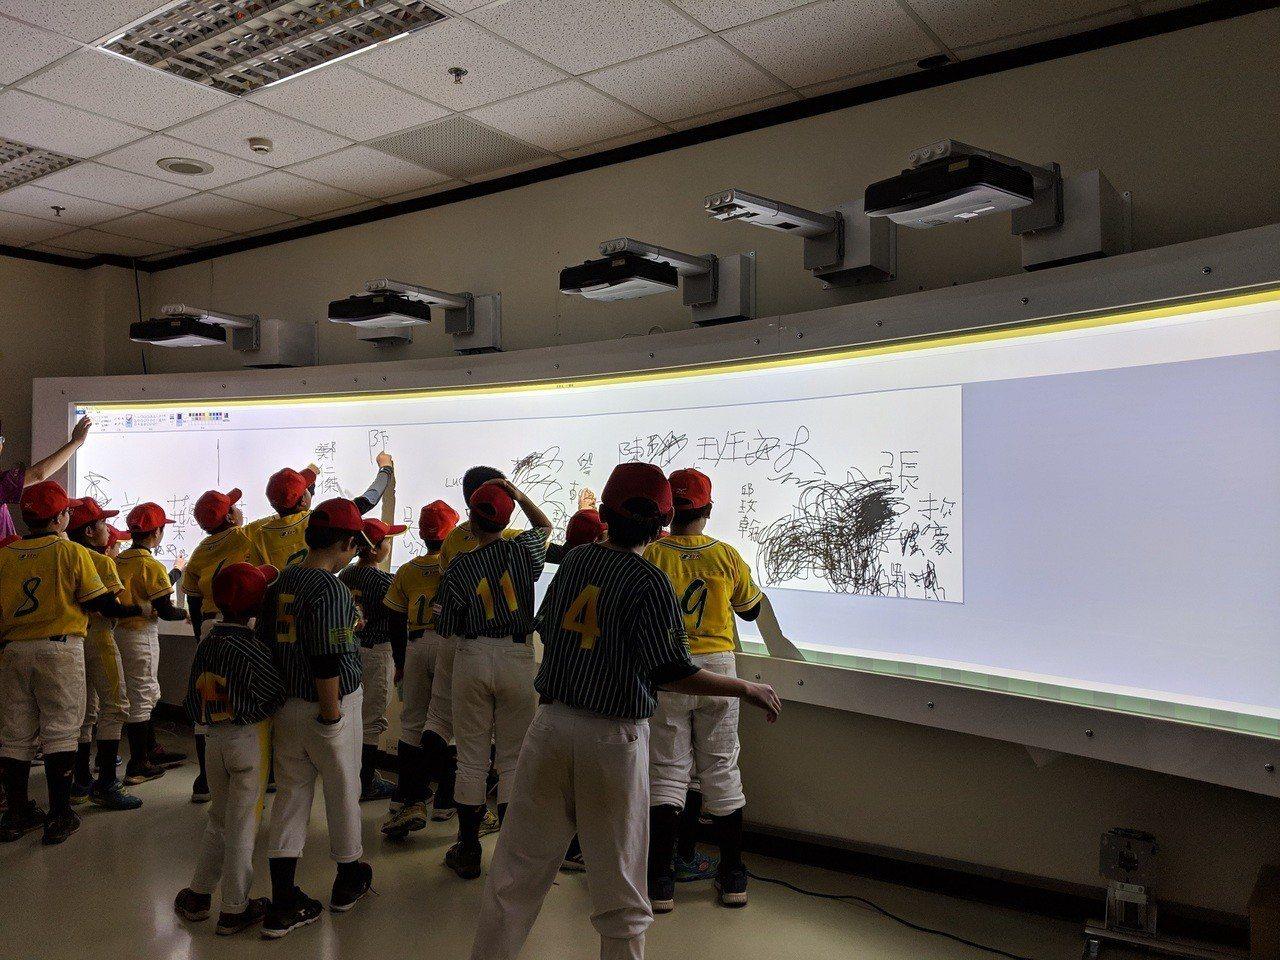 嘉義縣秀林國小棒球隊多位球員,同時於沉浸式觸控顯示系統上畫畫。圖/中光電提供